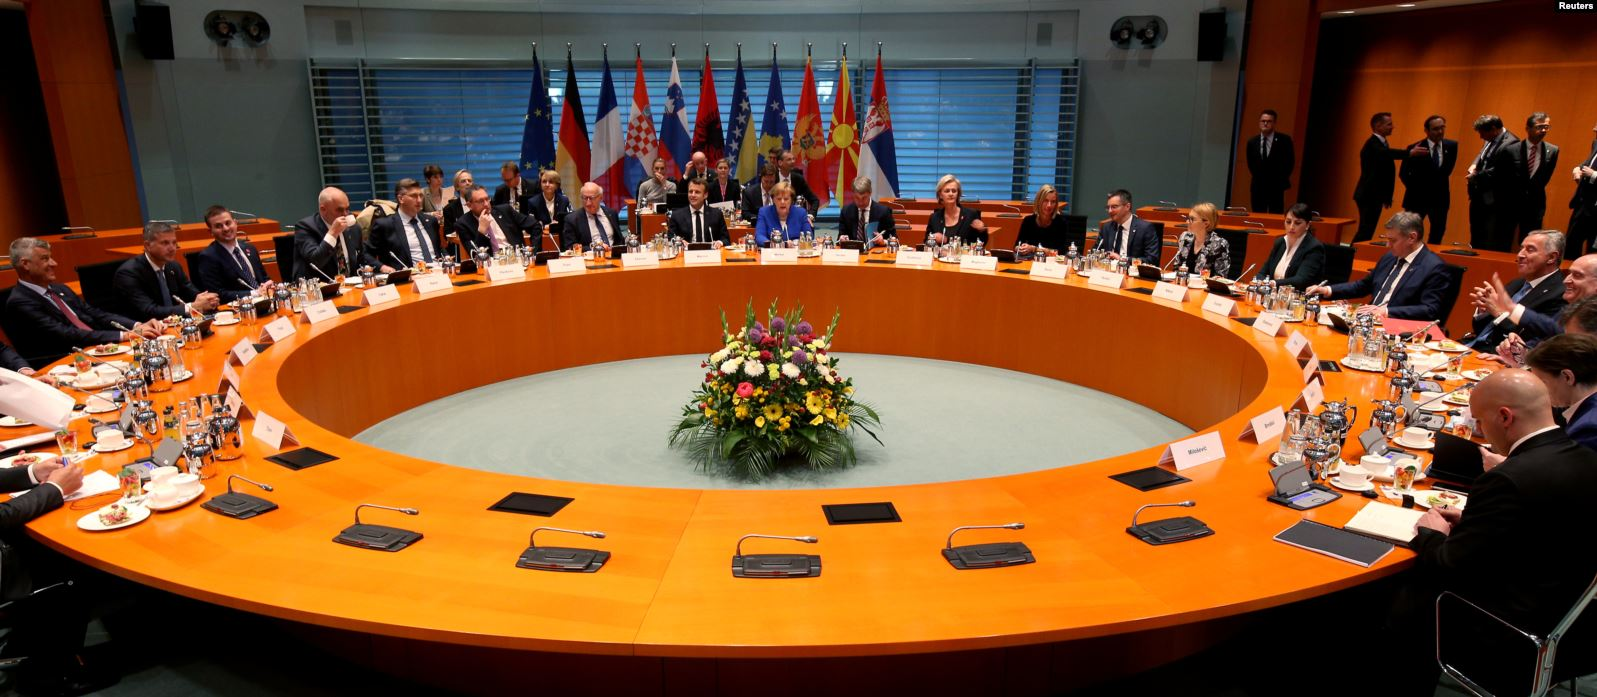 Ekspertët amerikanë dhe evropianë: Mos ndryshimi i kufijve në Ballkan, mesazhi i Samitit të Berlinit